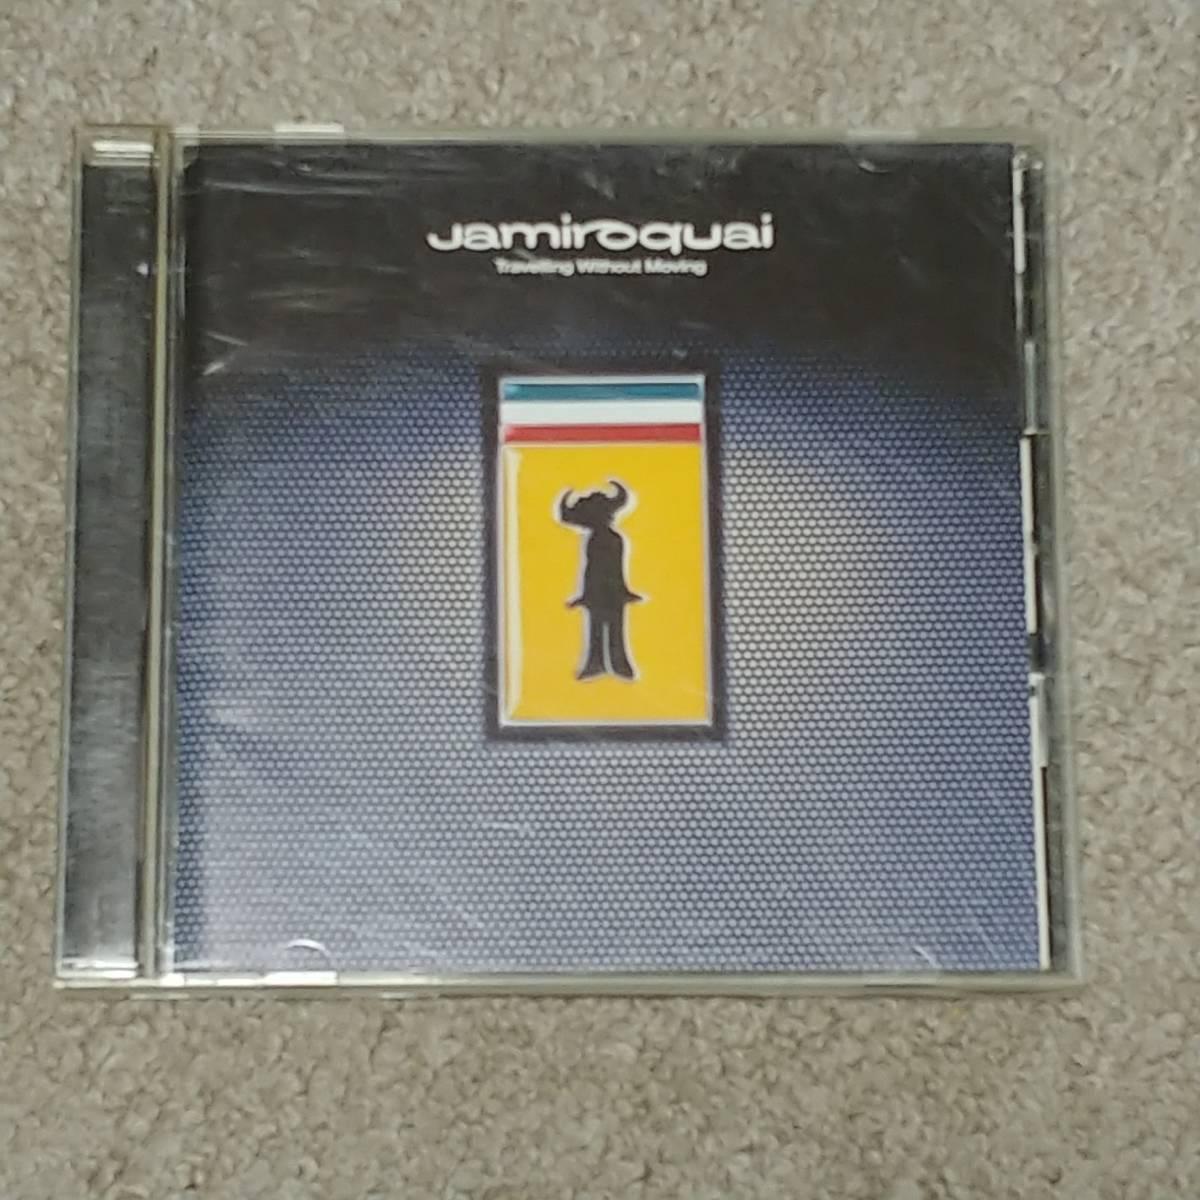 JAMIROQUAI / Travelling Without Moving ジャミロクワイ/ジャミロクワイと旅に出よう 国内盤 歌詞カード、対訳、解説あり